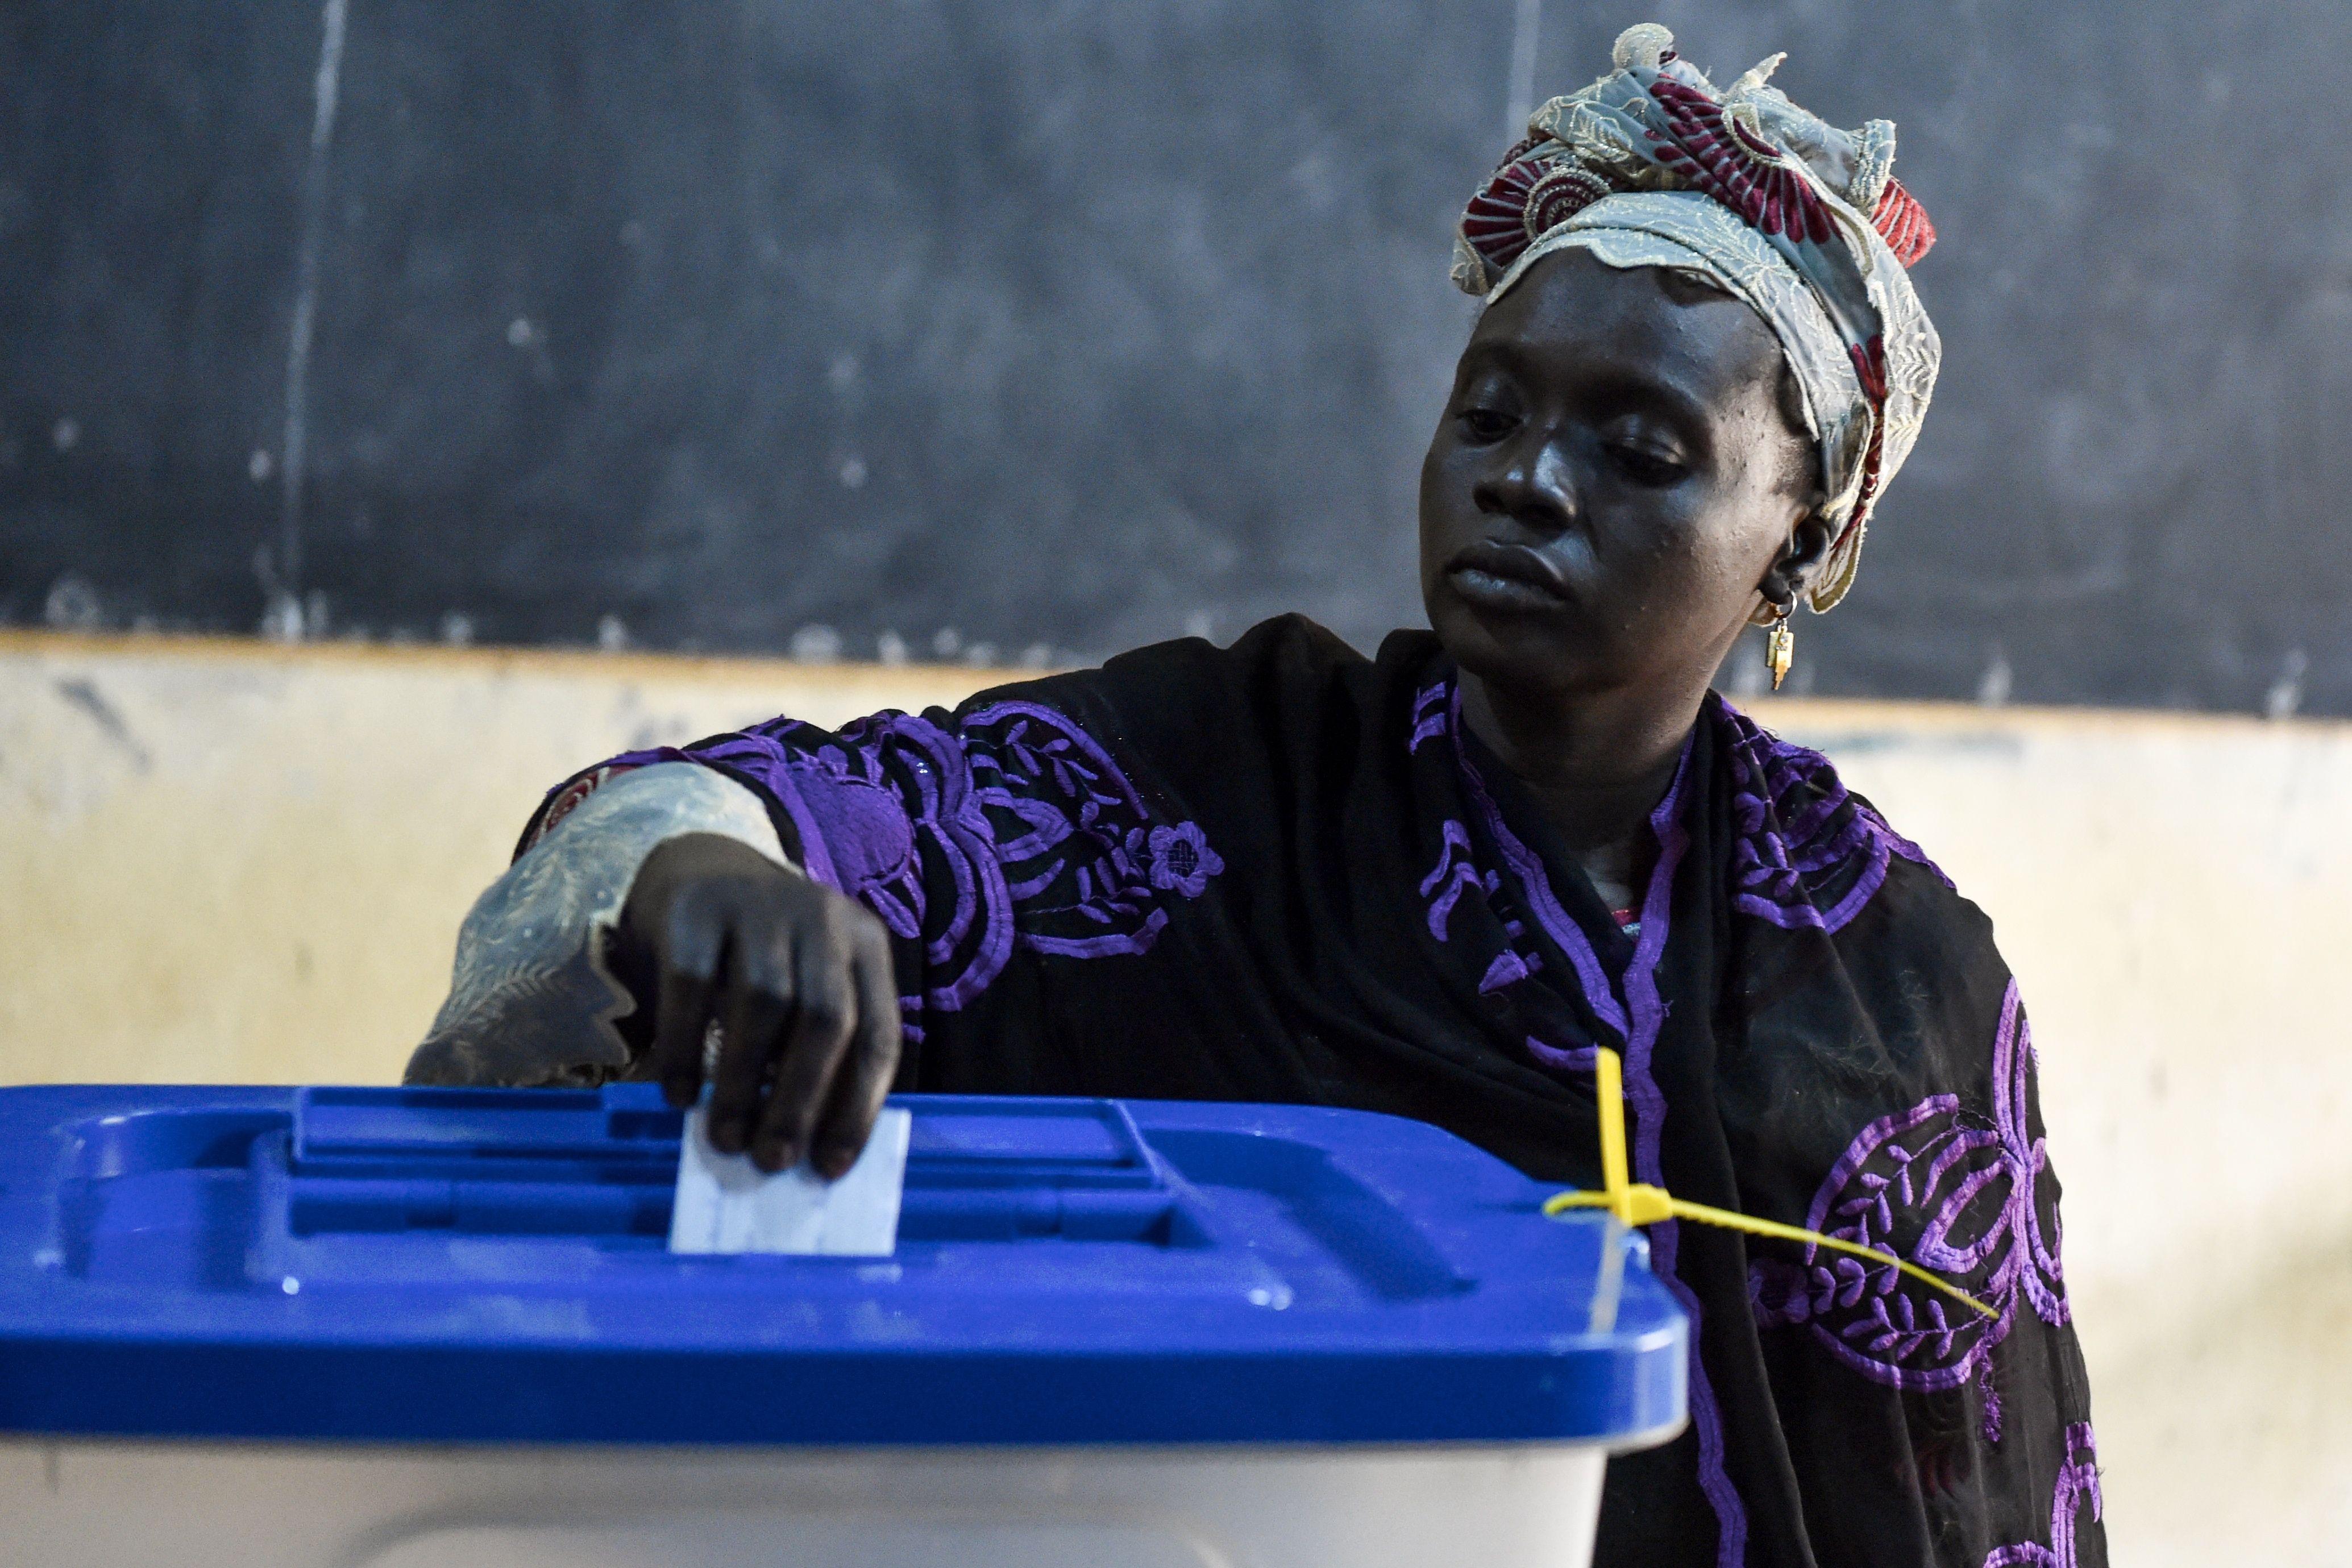 سيدة تدلى بصوتها فى الانتخابات